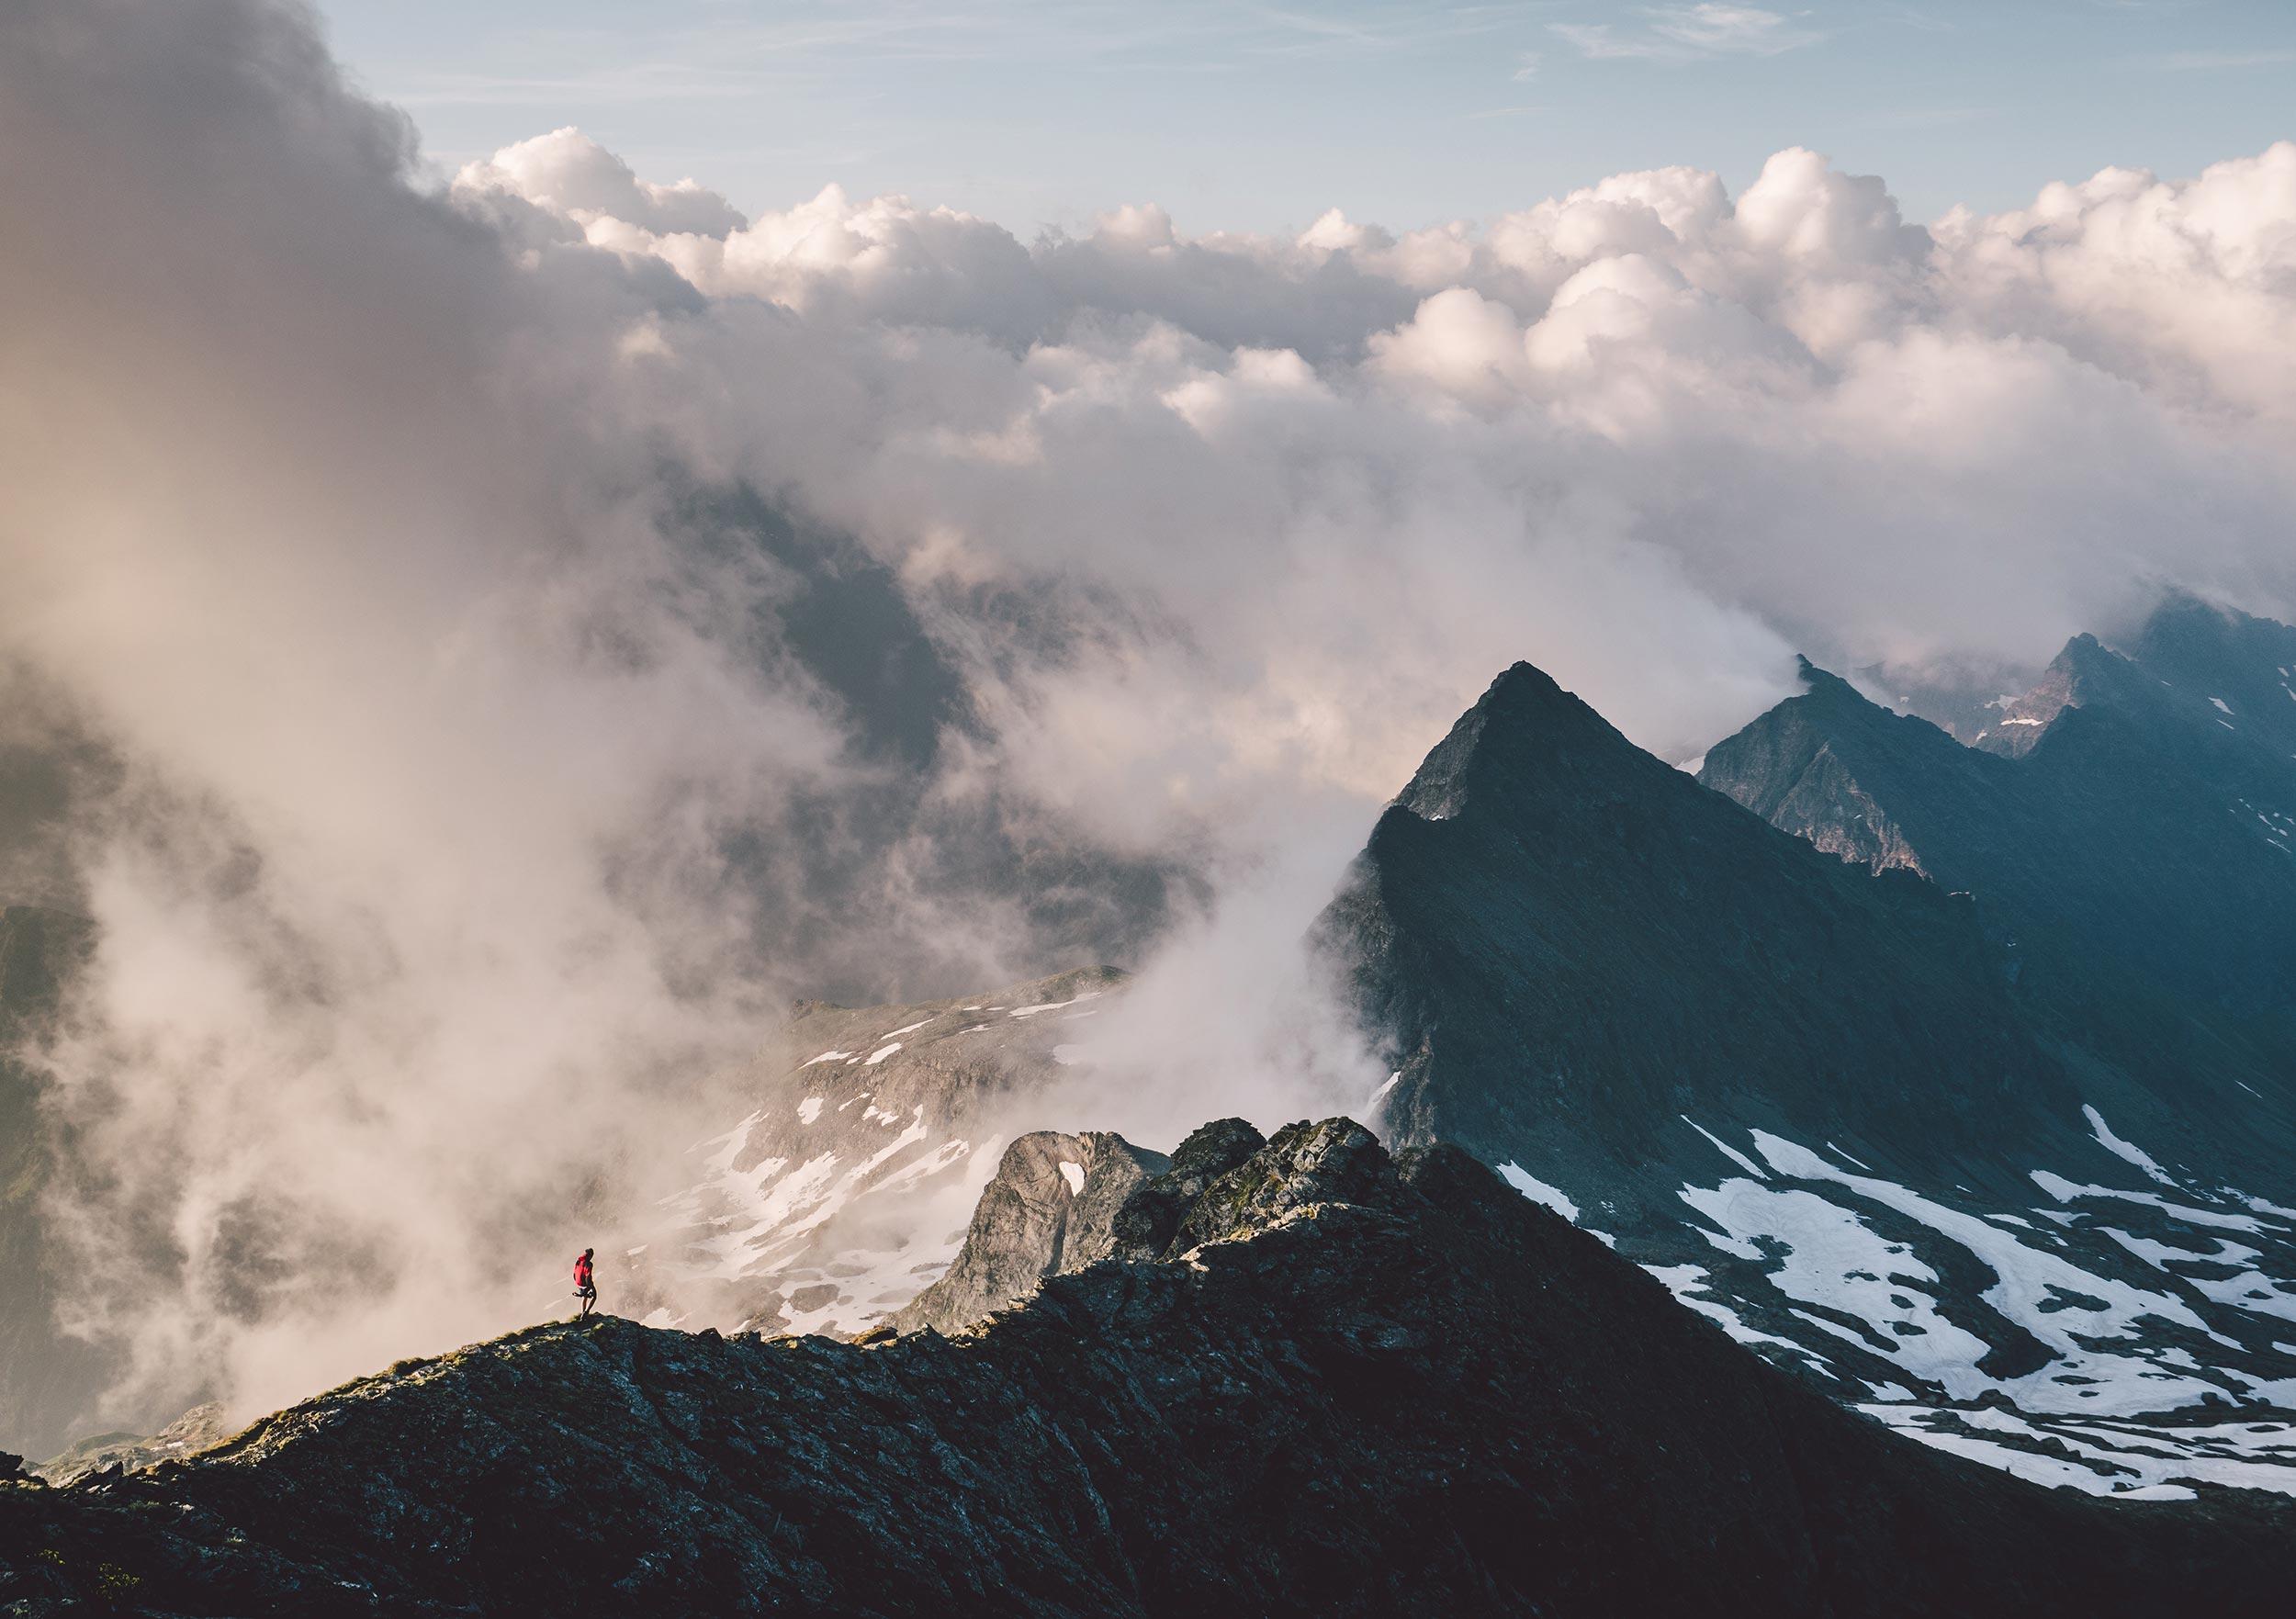 Ridgelines in Austria (Hochwildstelle, Austria)